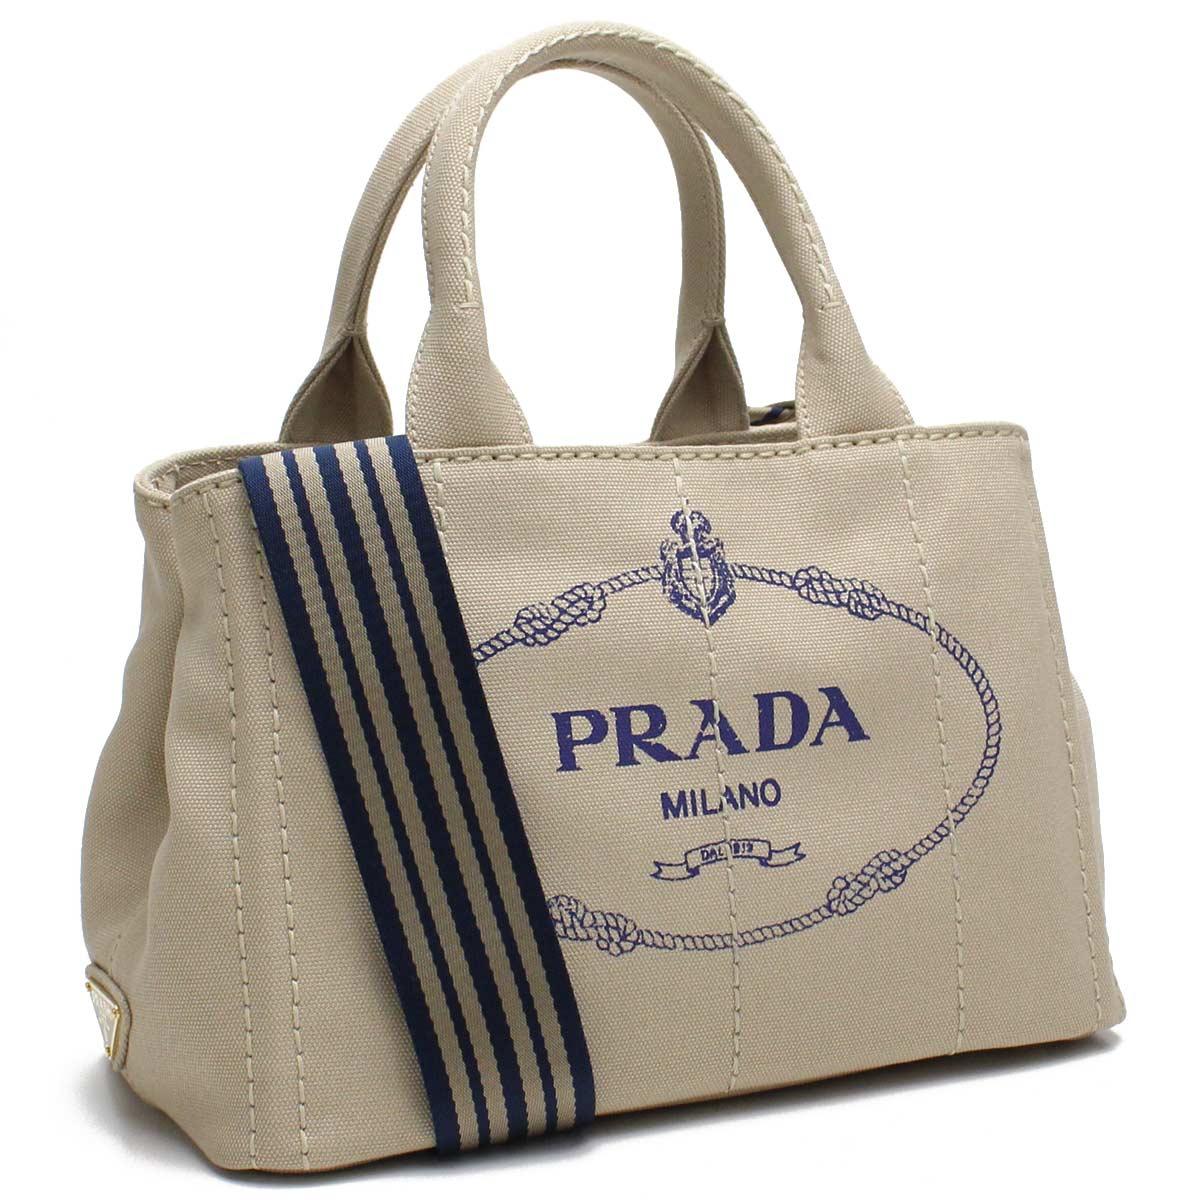 プラダ PRADA バッグ カナパ トートバッグ 1BG439 ZKI V ROO F081D CORDA/BLU ベージュ系 【レディース】